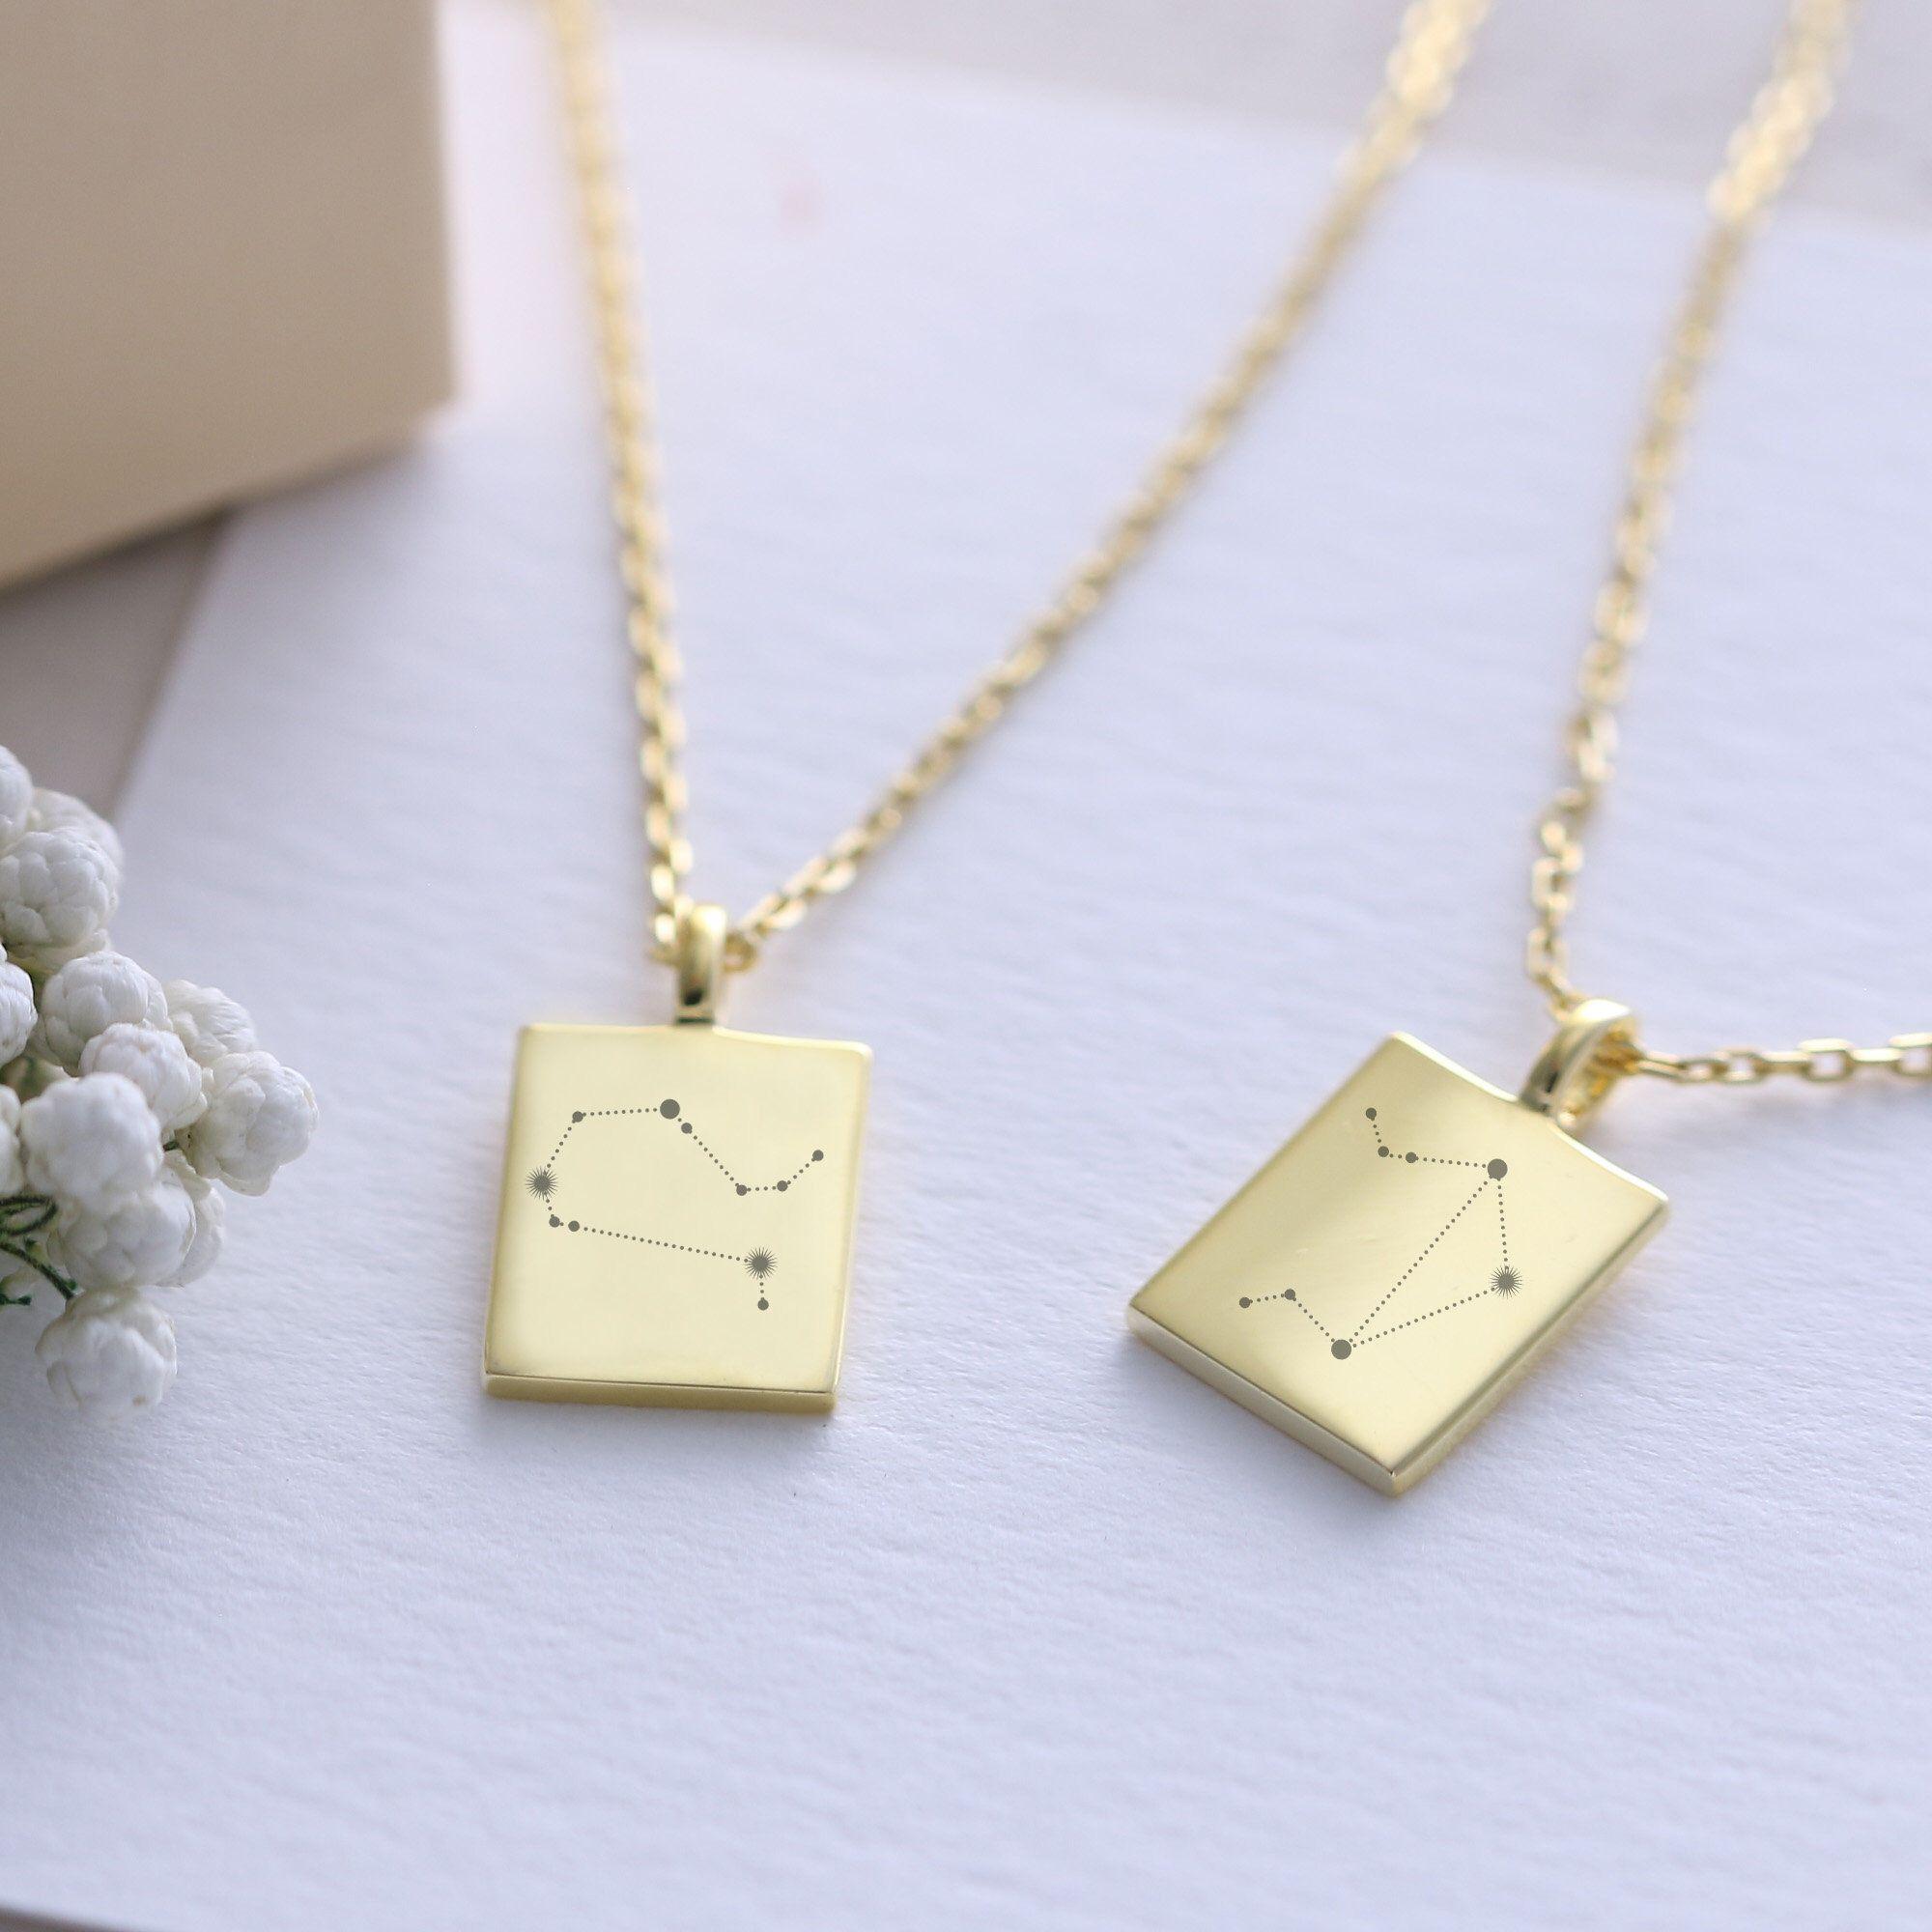 925er Silber vergoldet Sternzeichen Kette - personalisiertes Geschenk - Zodiac Kette - romantische Kette - Geschenk für sie gk007